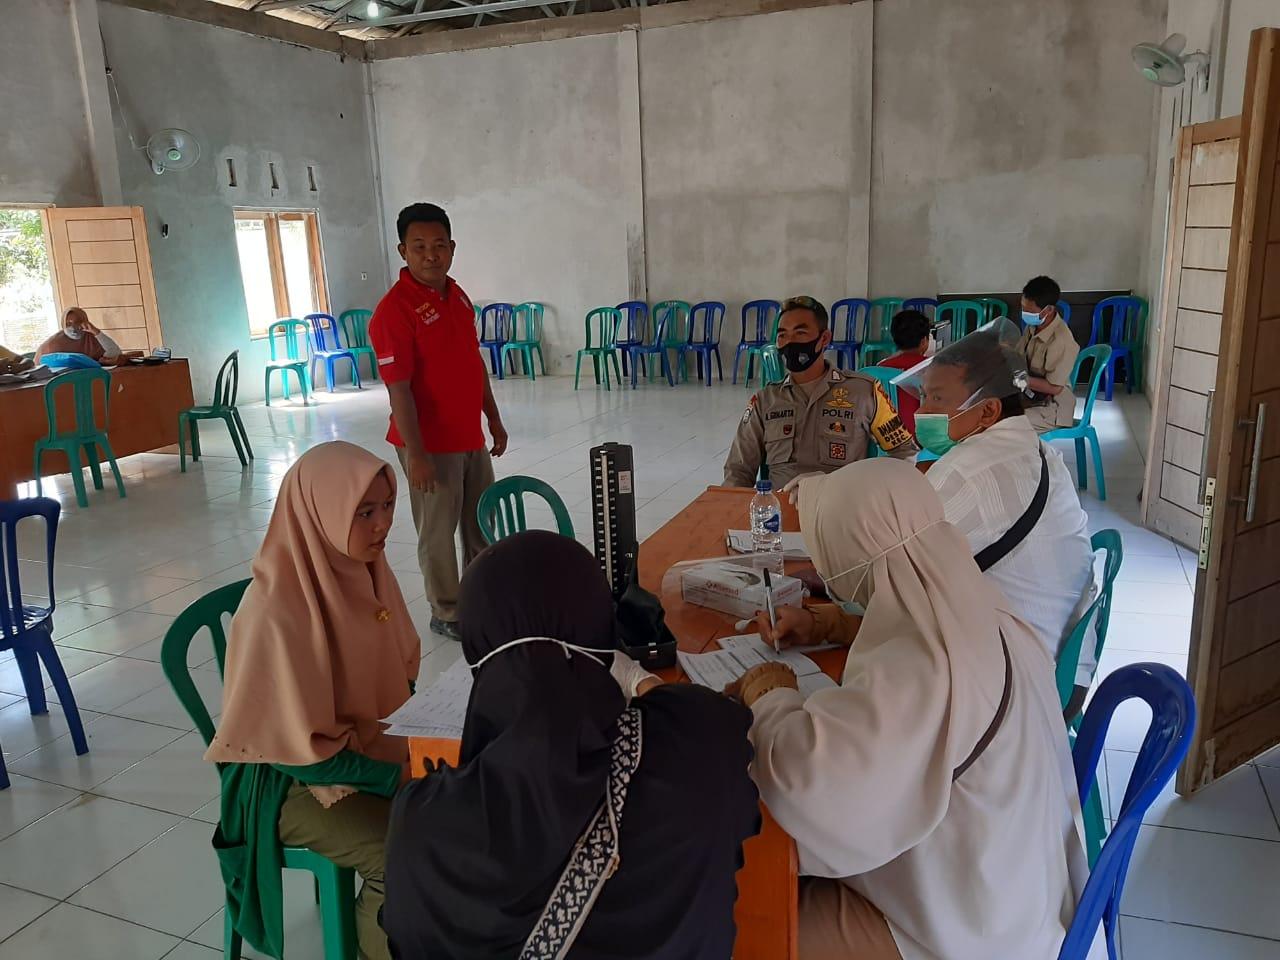 Bhabinkamtibmas Desa Mertak Bersama Tim Kesehatan Kuta, Periksa Kesehatan Pelajar